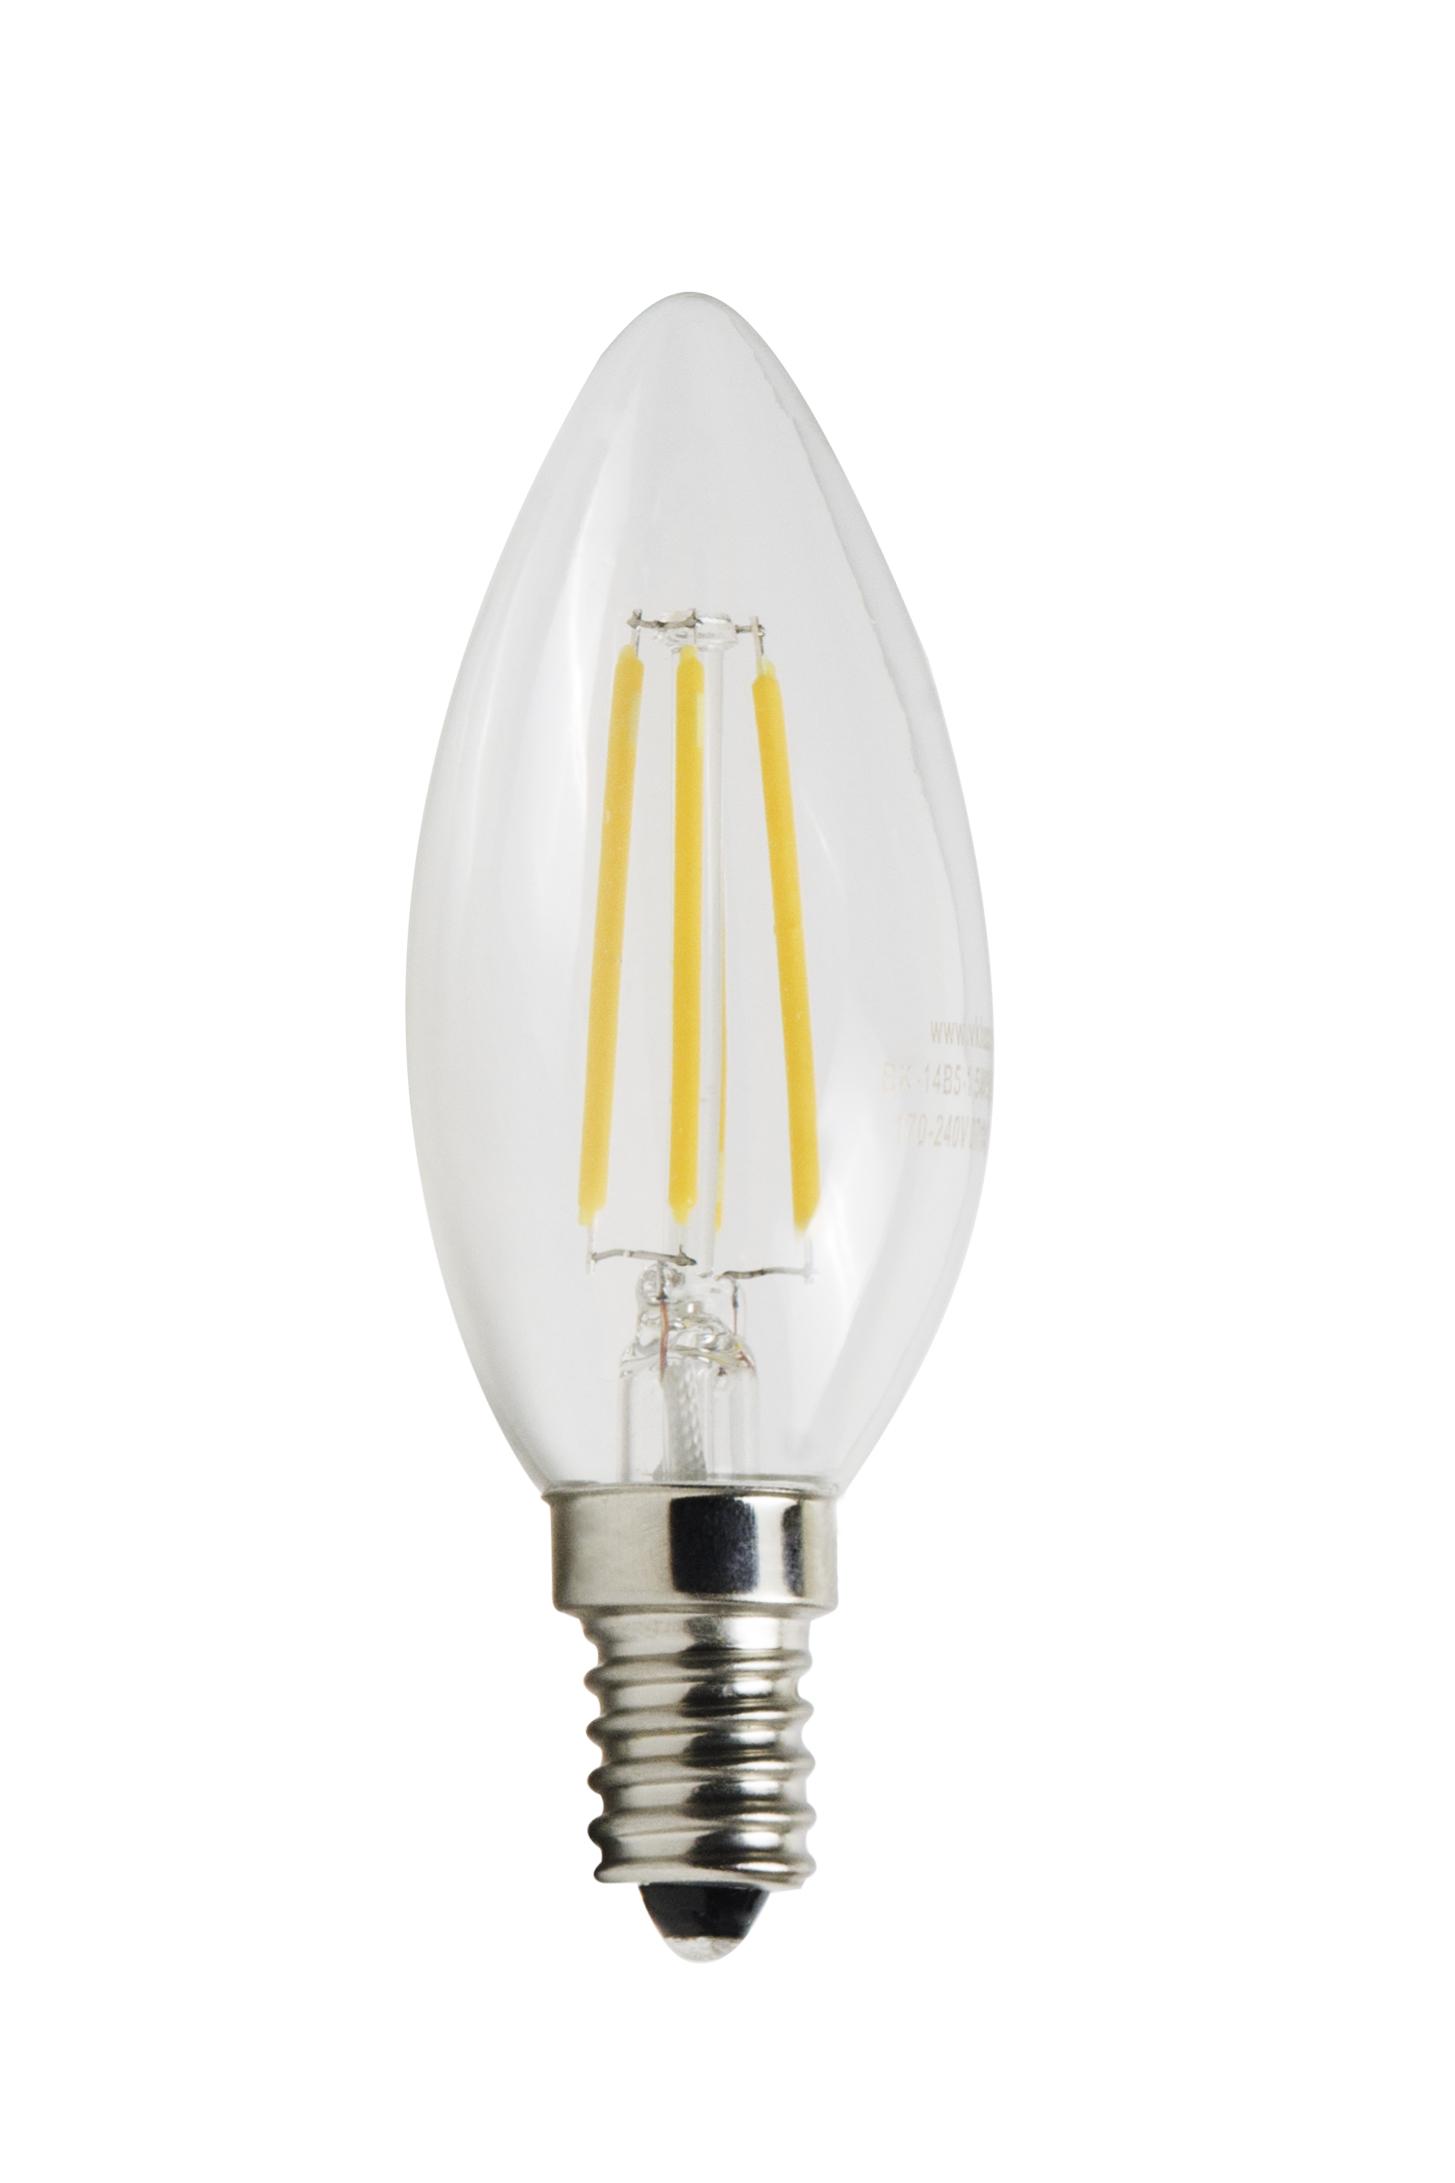 Светодиодная лампа Виктел BK-14W5C30 Edison,E14, 5W, 3000K